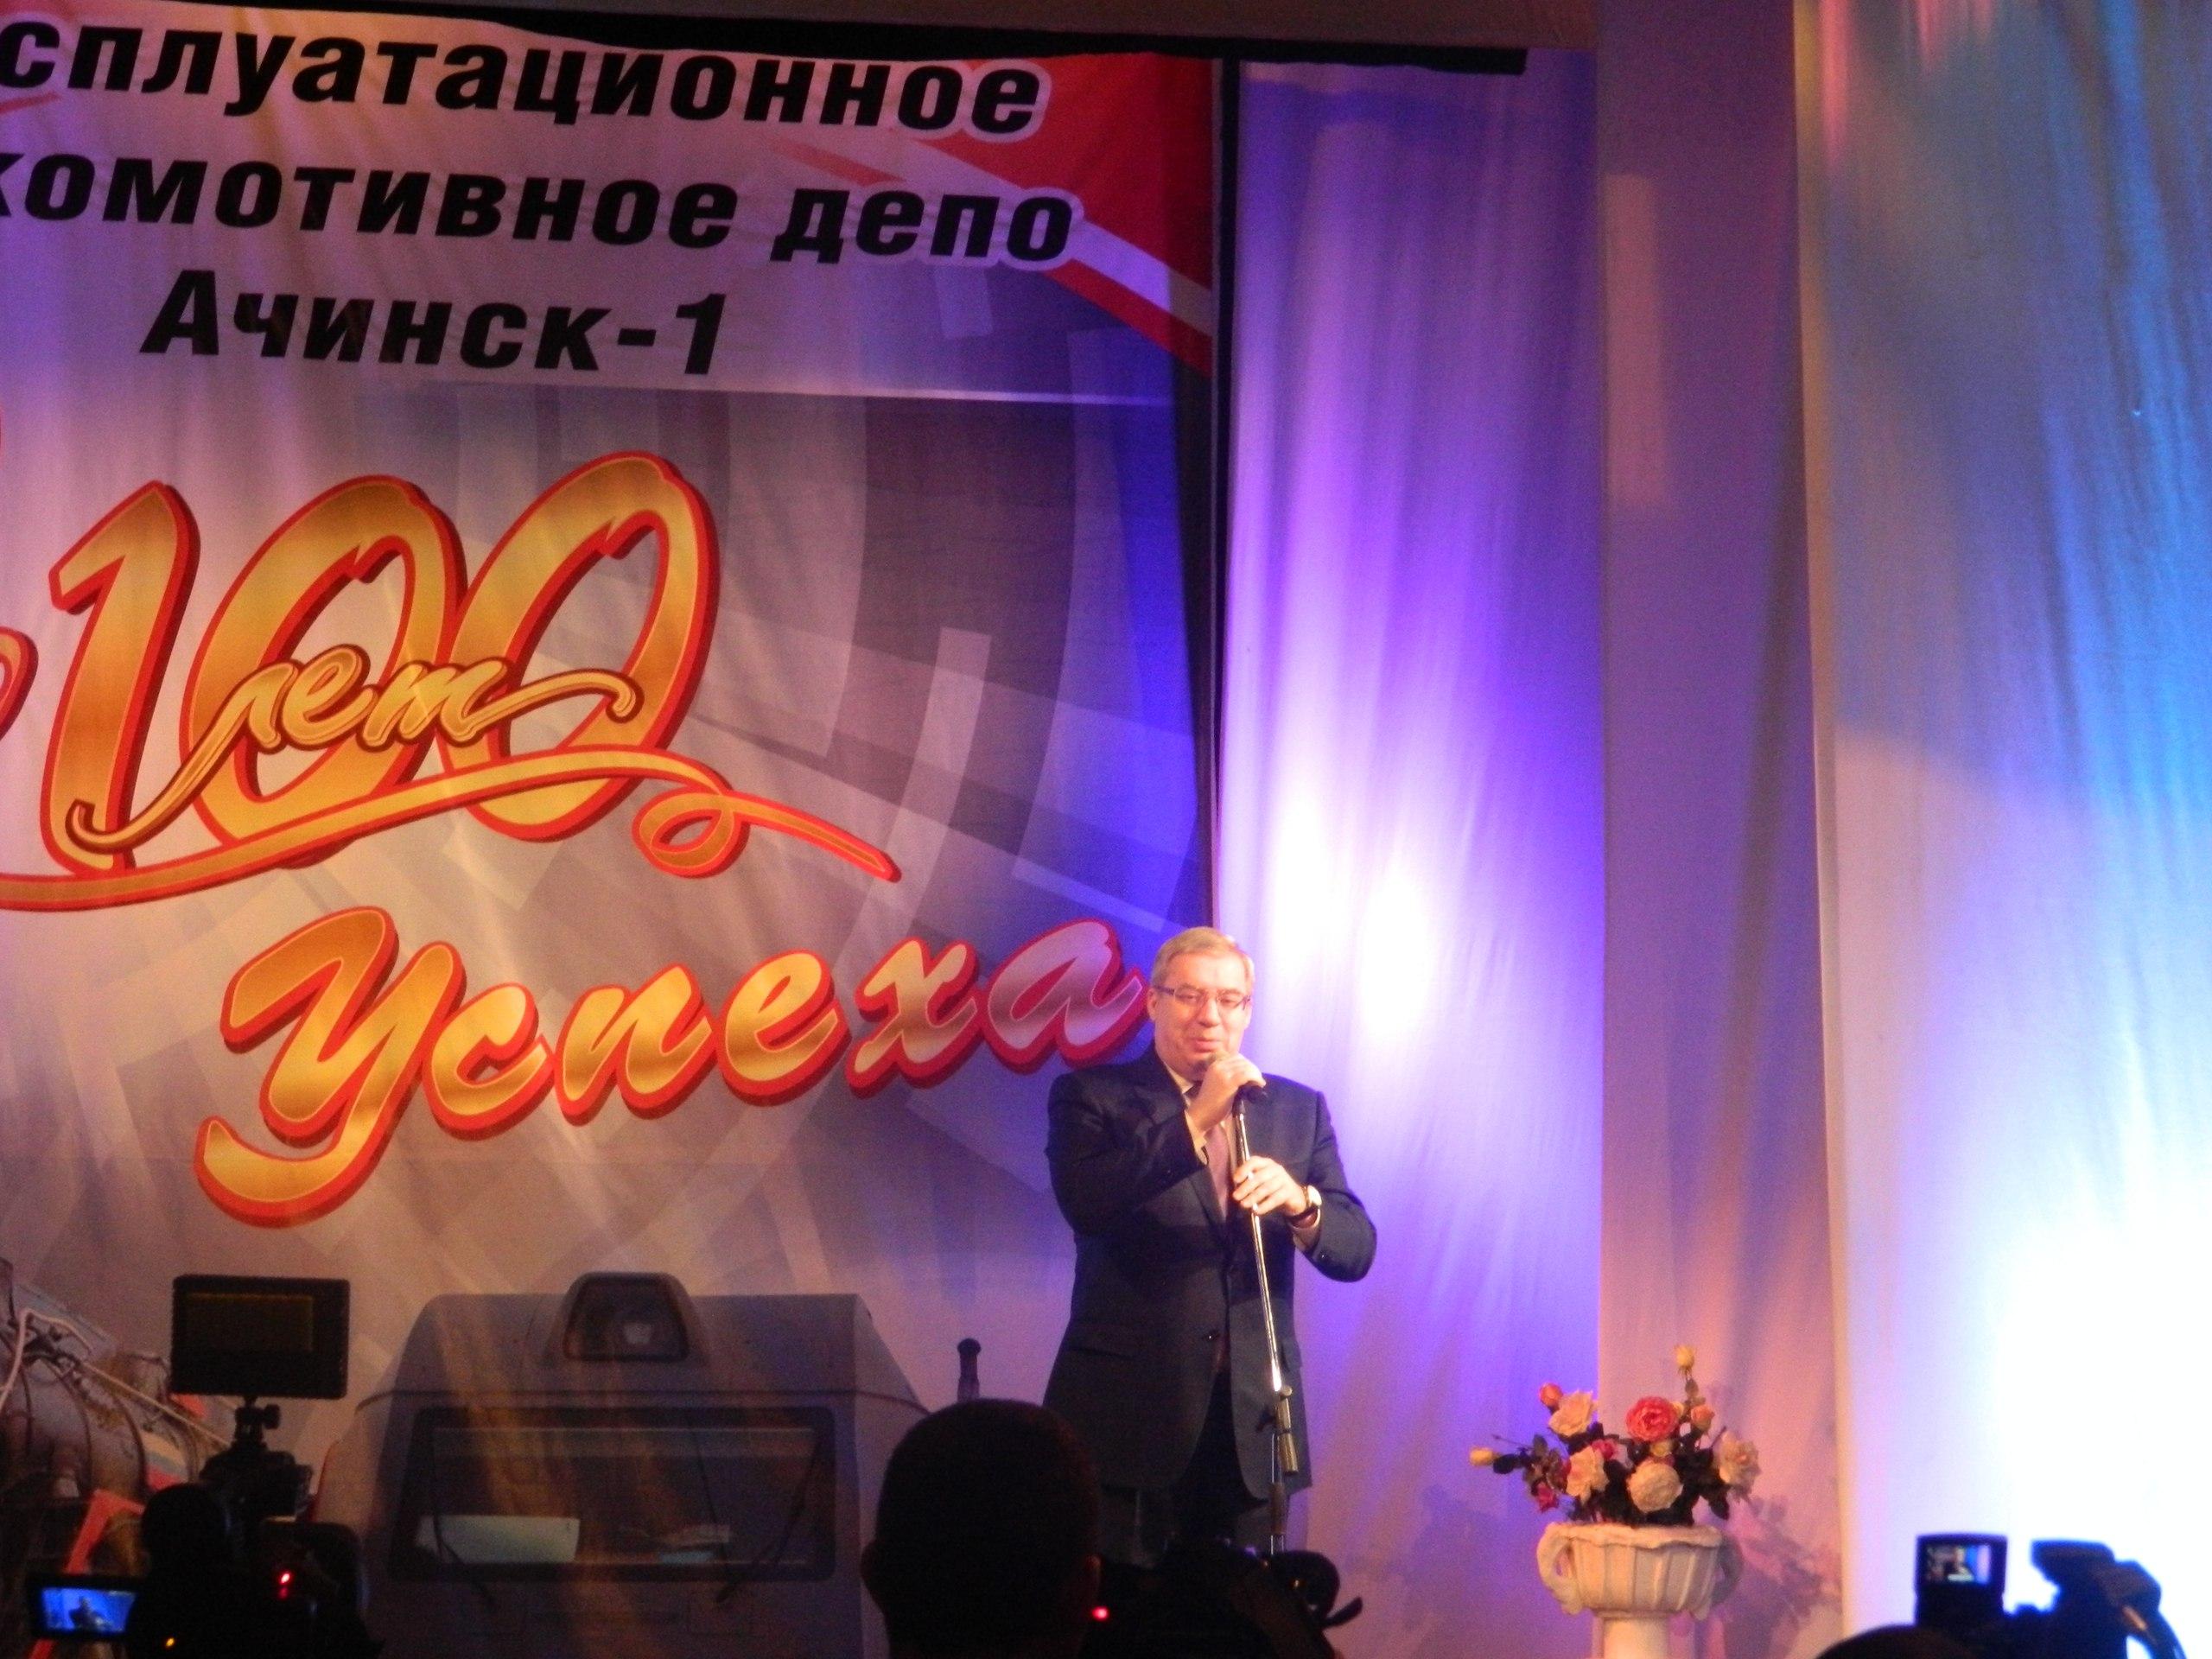 100-летие локомотивного депо Ачинск-1 (12)